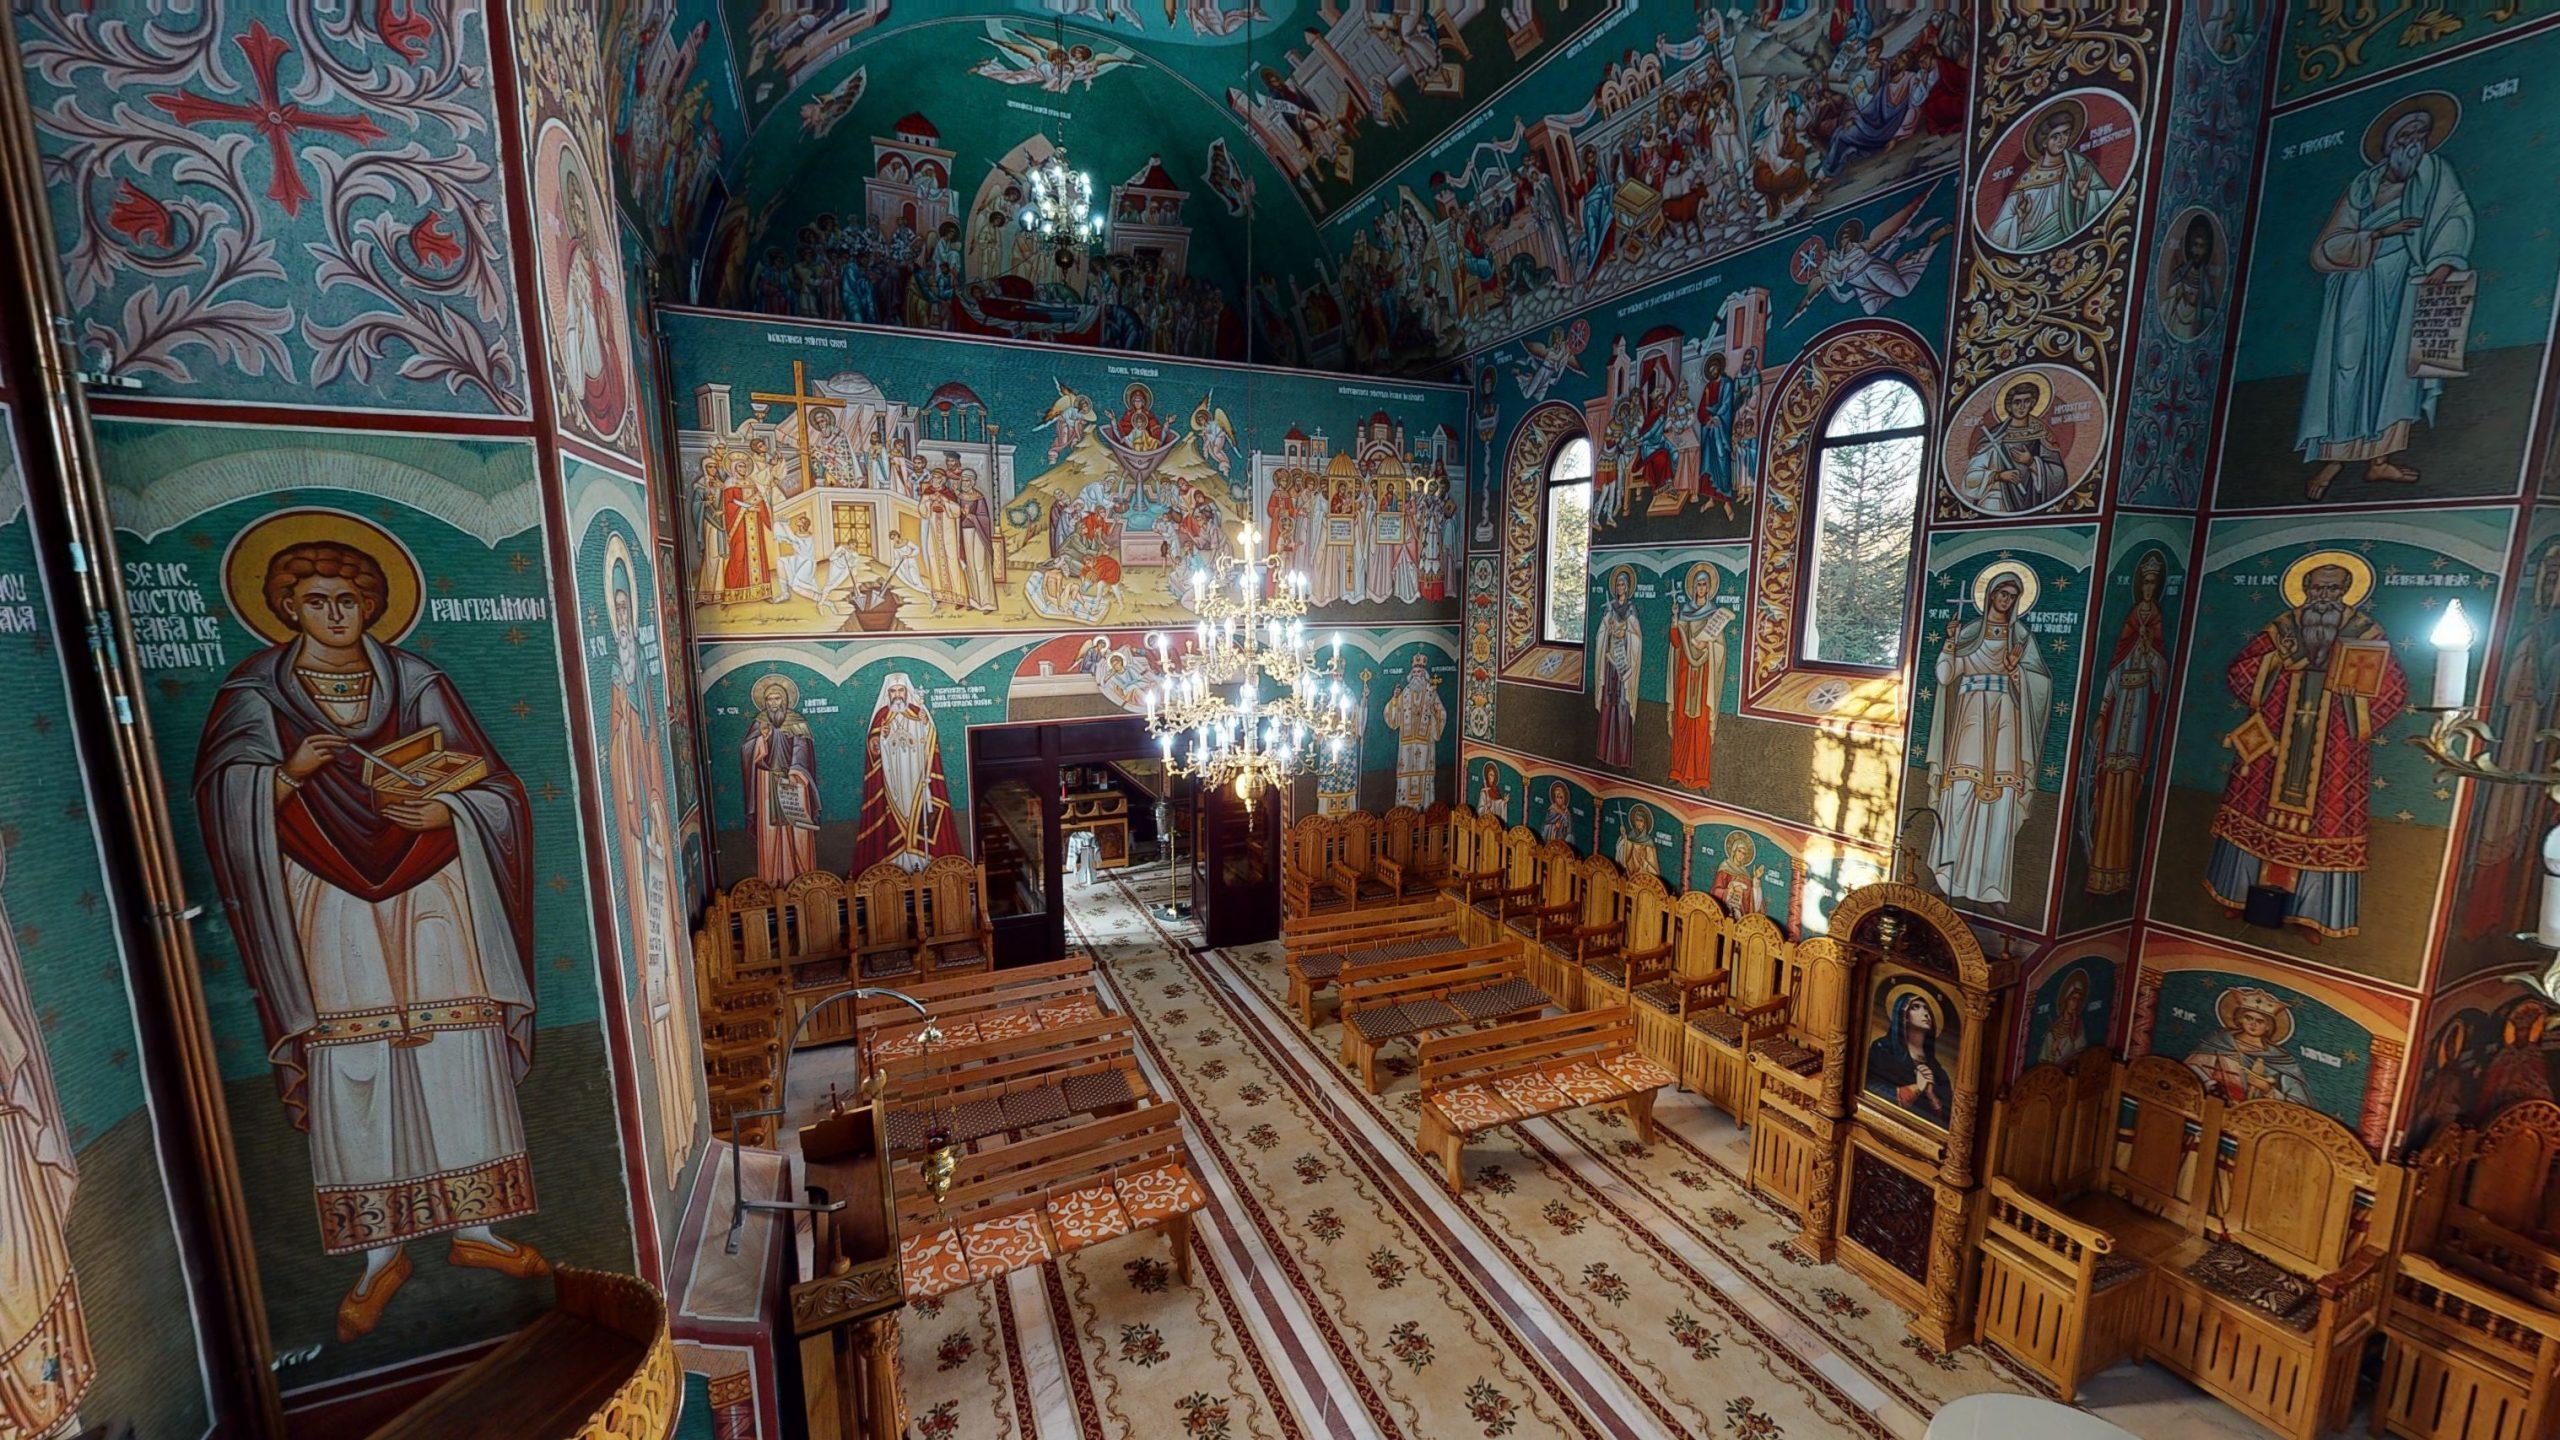 Biserica-Sfintii-Trei-Ierarhi-Flamanzi-11162020_205009